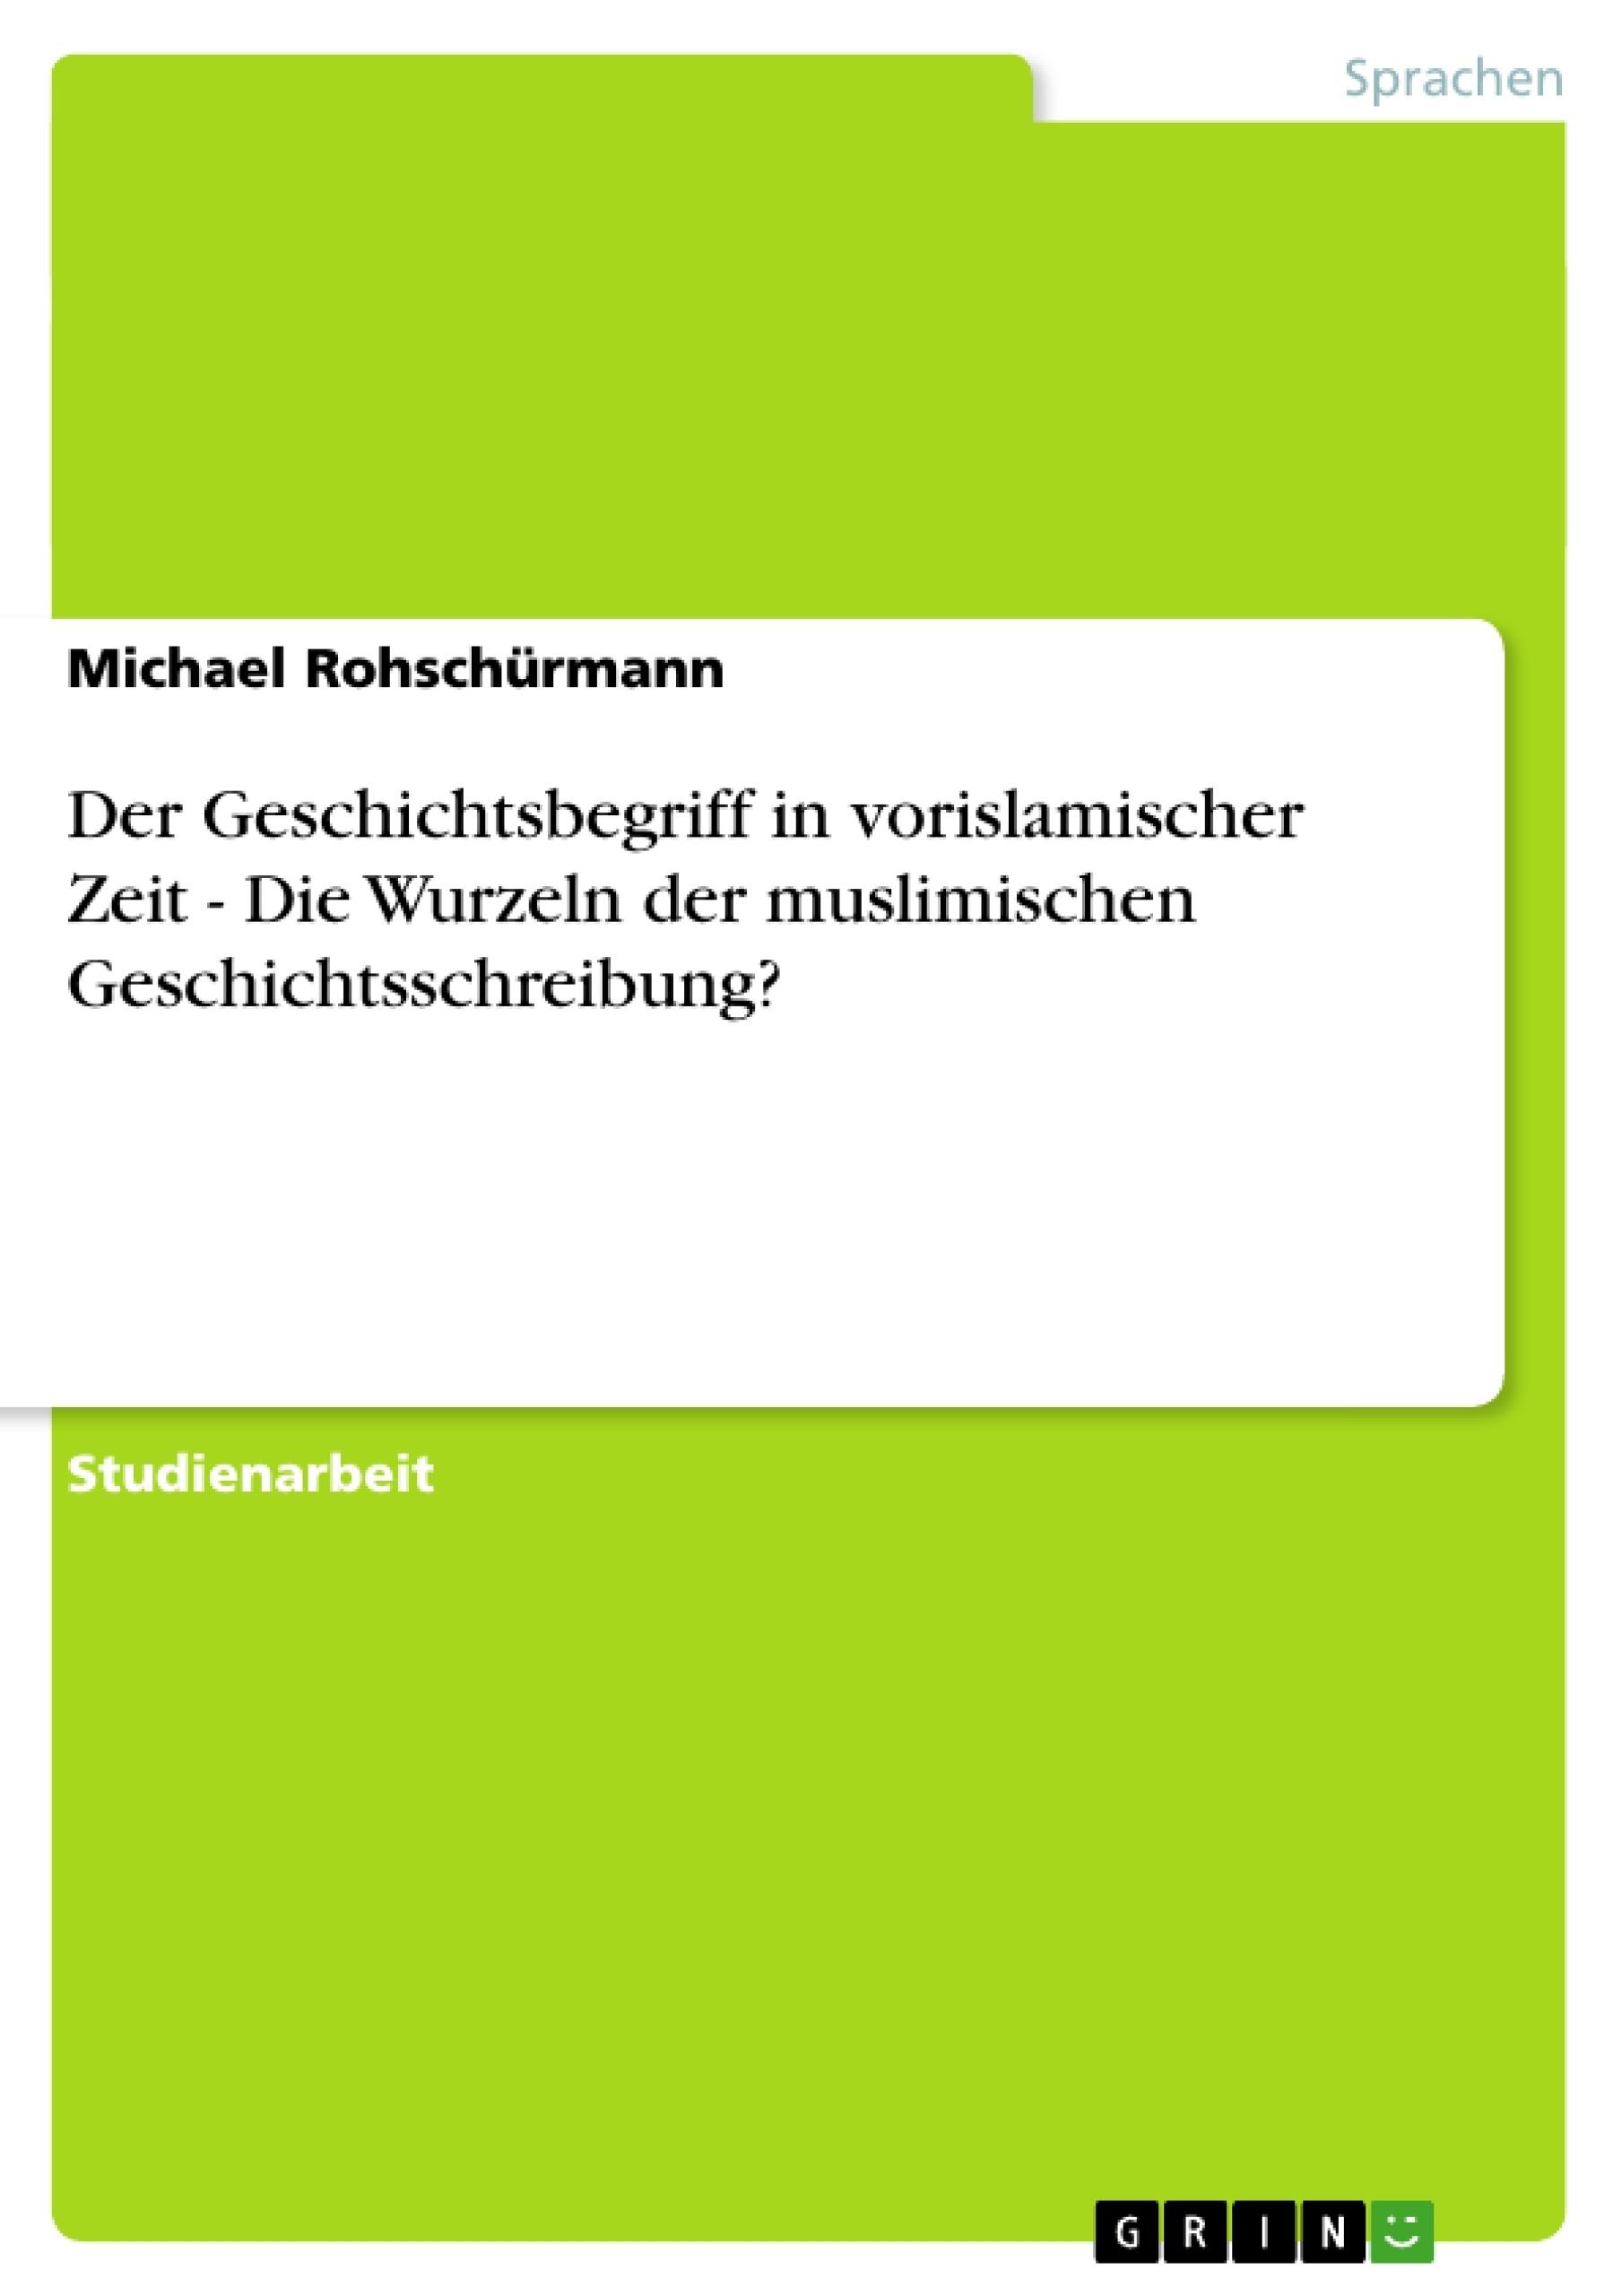 Titel: Der Geschichtsbegriff in vorislamischer Zeit  - Die Wurzeln der muslimischen Geschichtsschreibung?